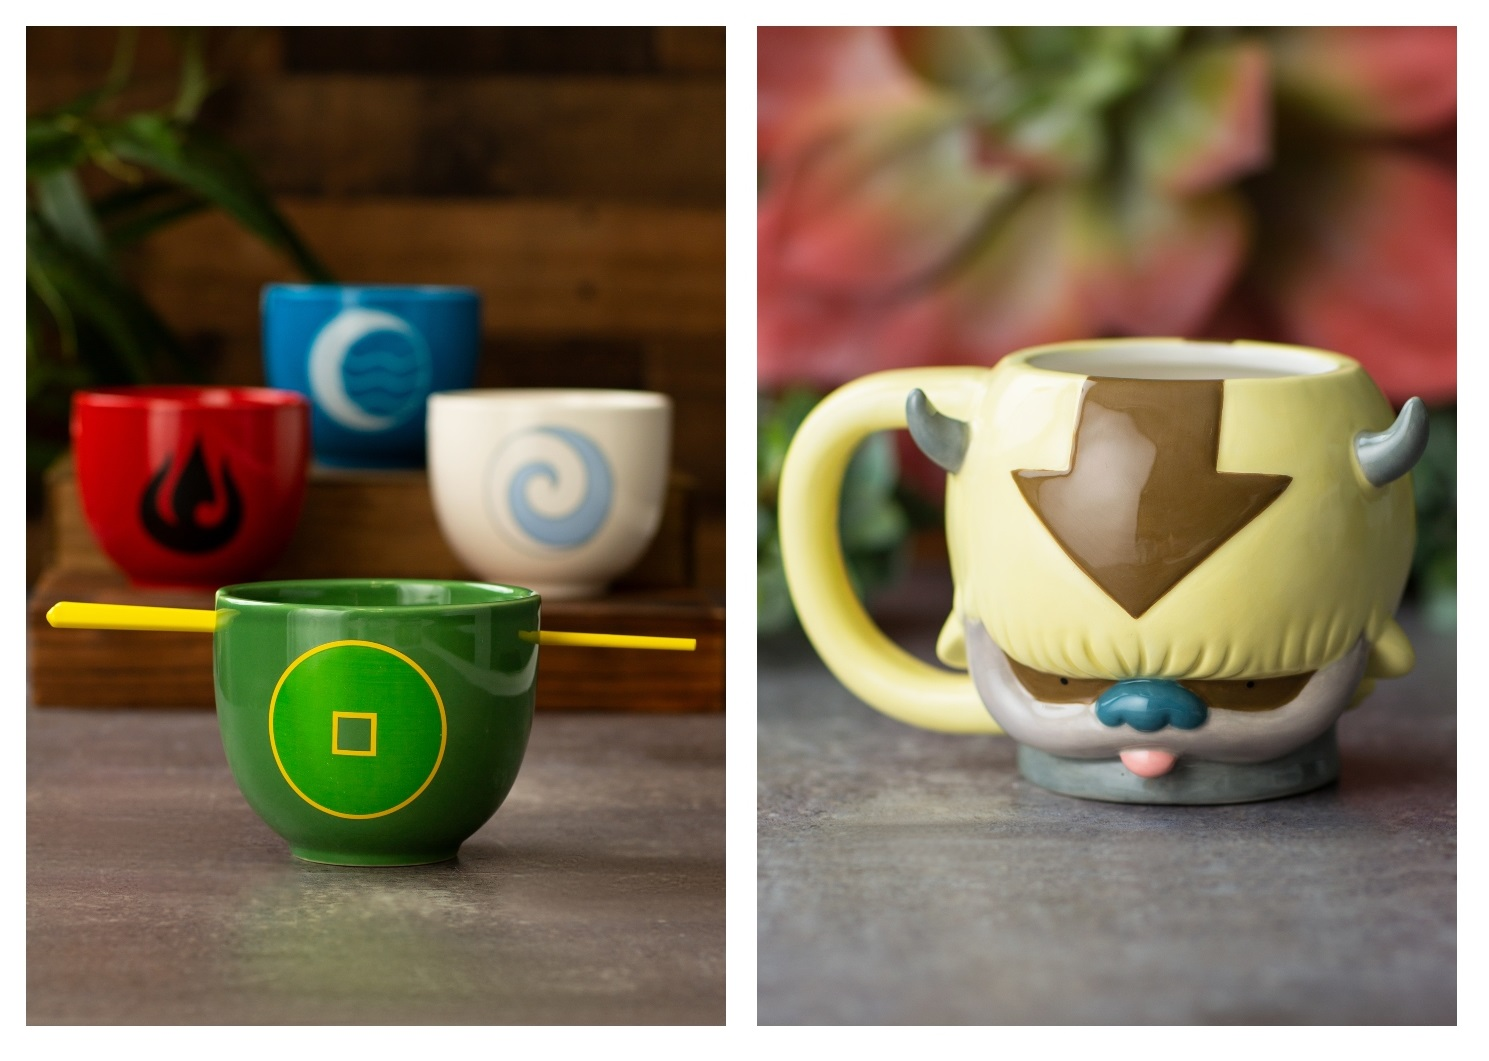 Avatar the Last Airbender Mug and Ramen Bowls